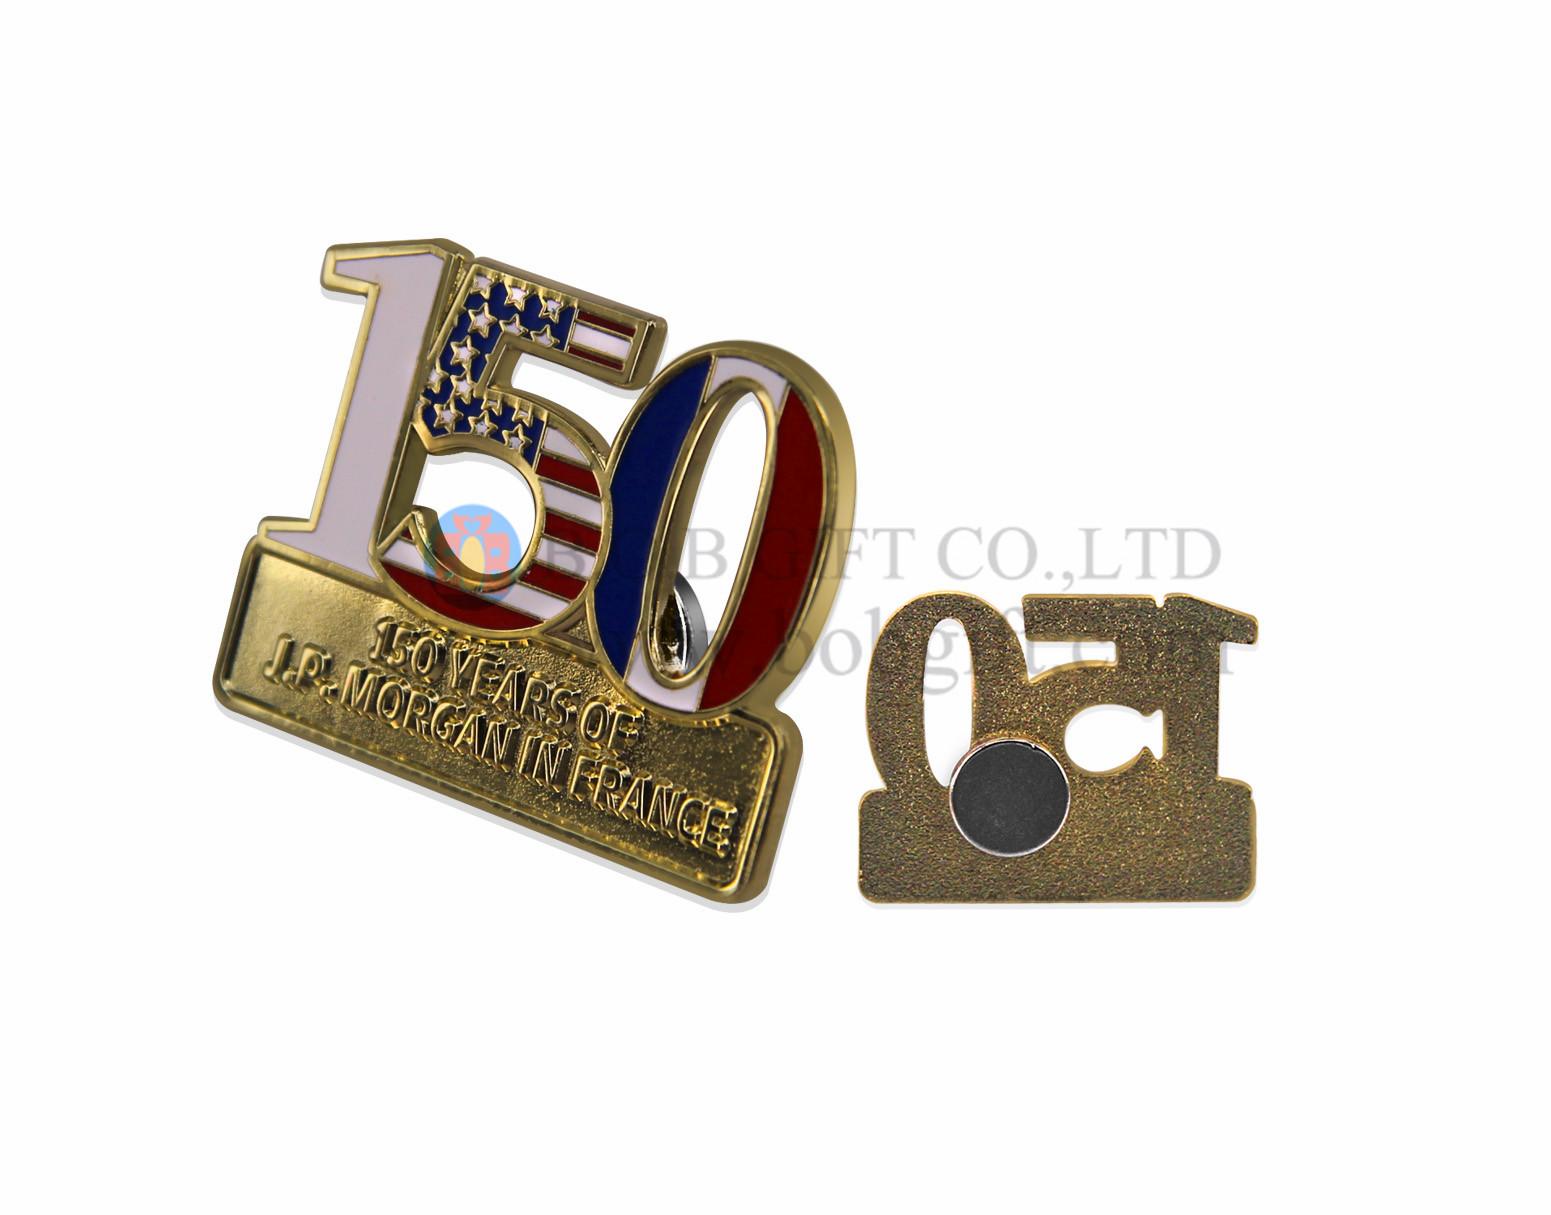 Zinc Alloy Badges